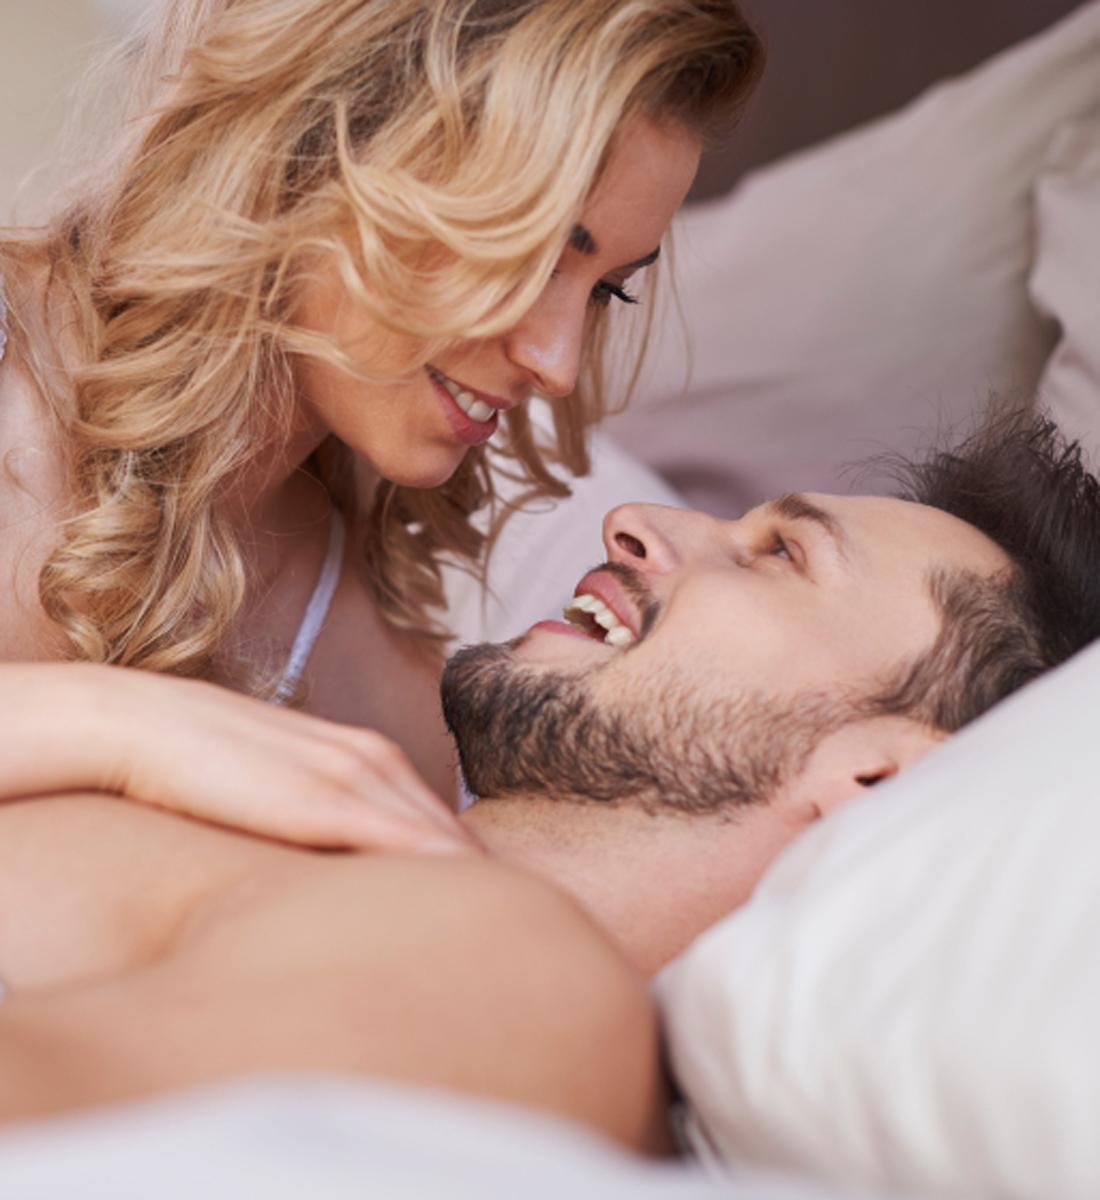 Περιστασιακή σεξ πώς να